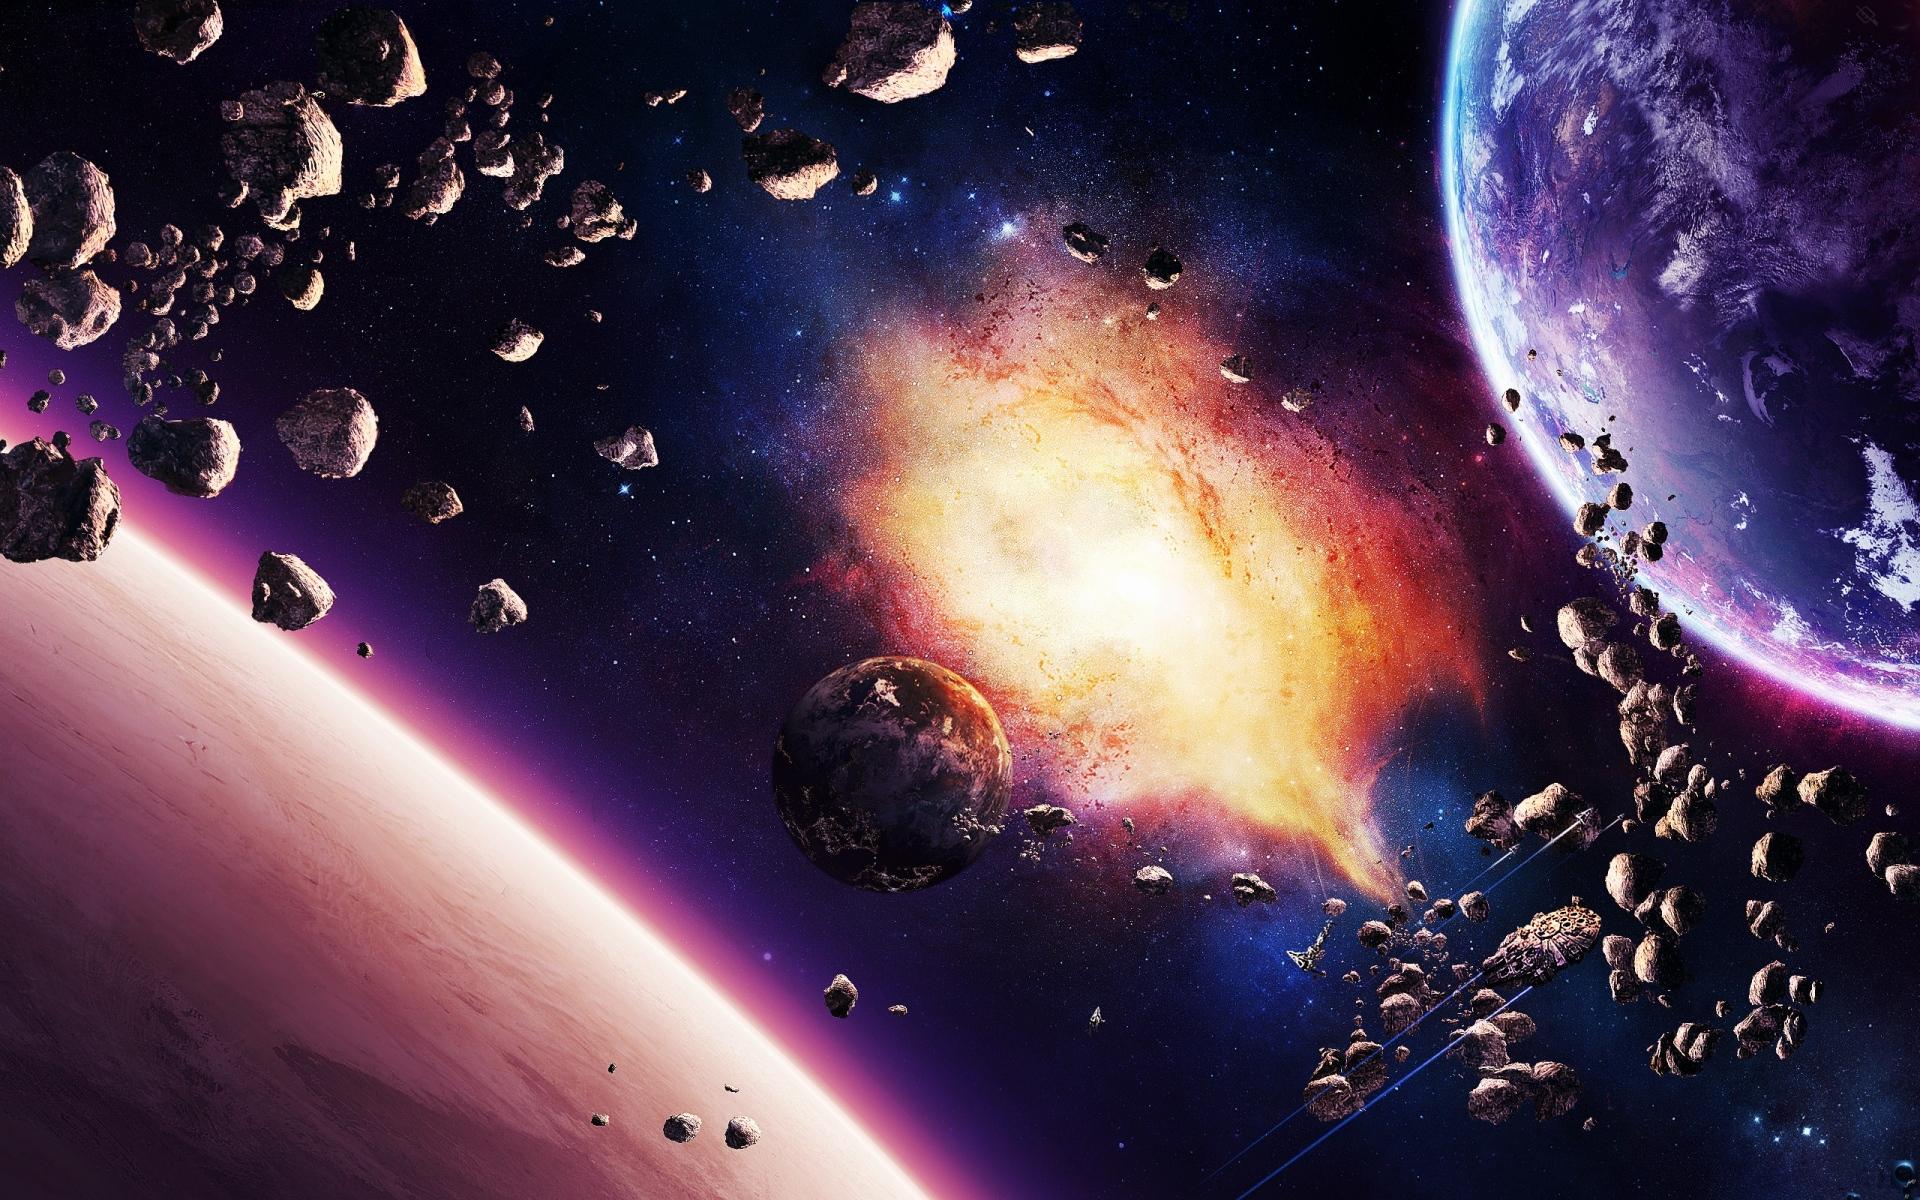 射手座日期_11月星象预告:(重点为木星进入射手座/水星逆行)!